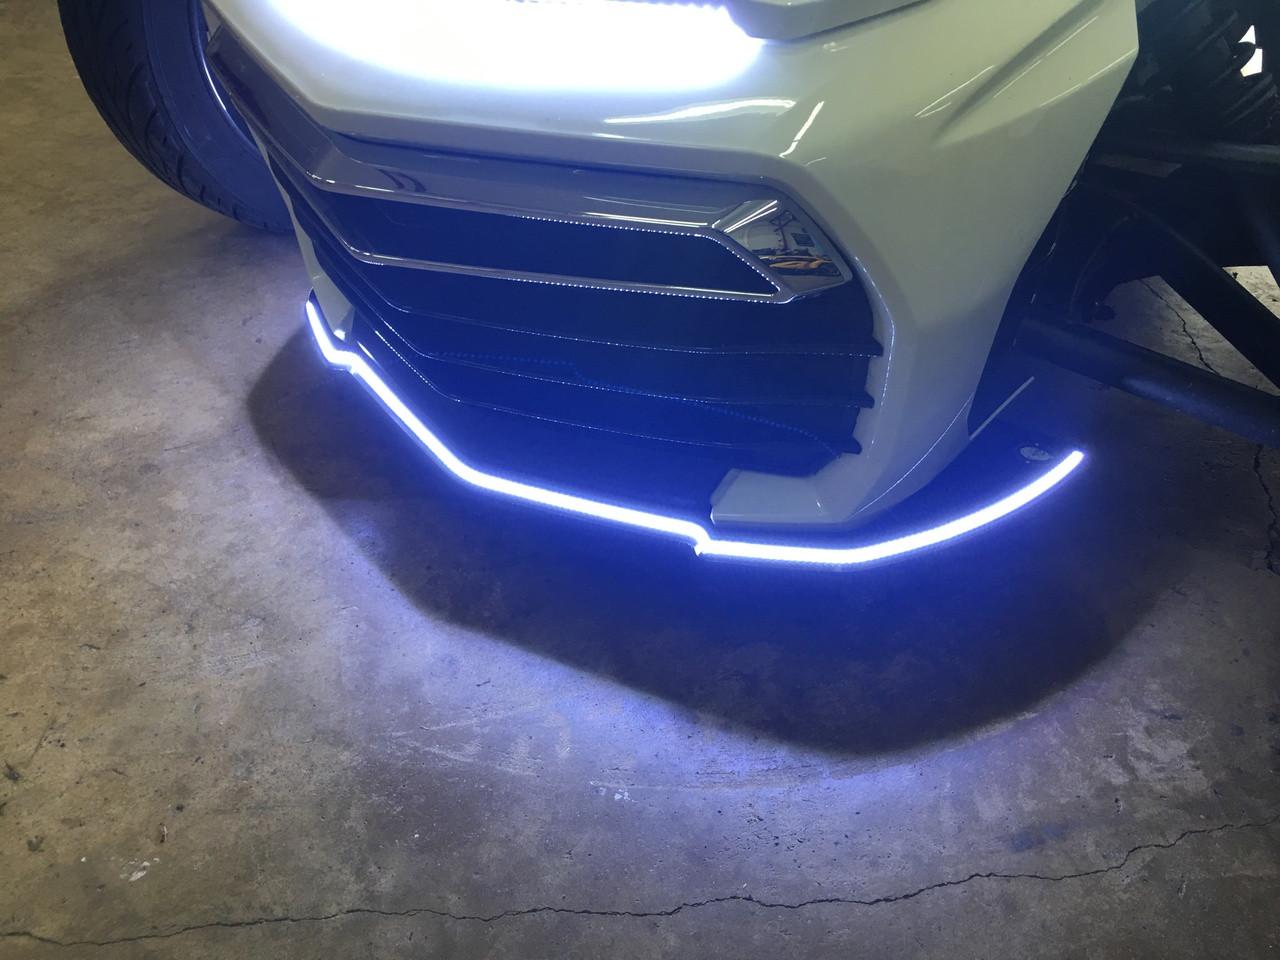 CAN AM SPYDER F3 LED BumpSkidTM